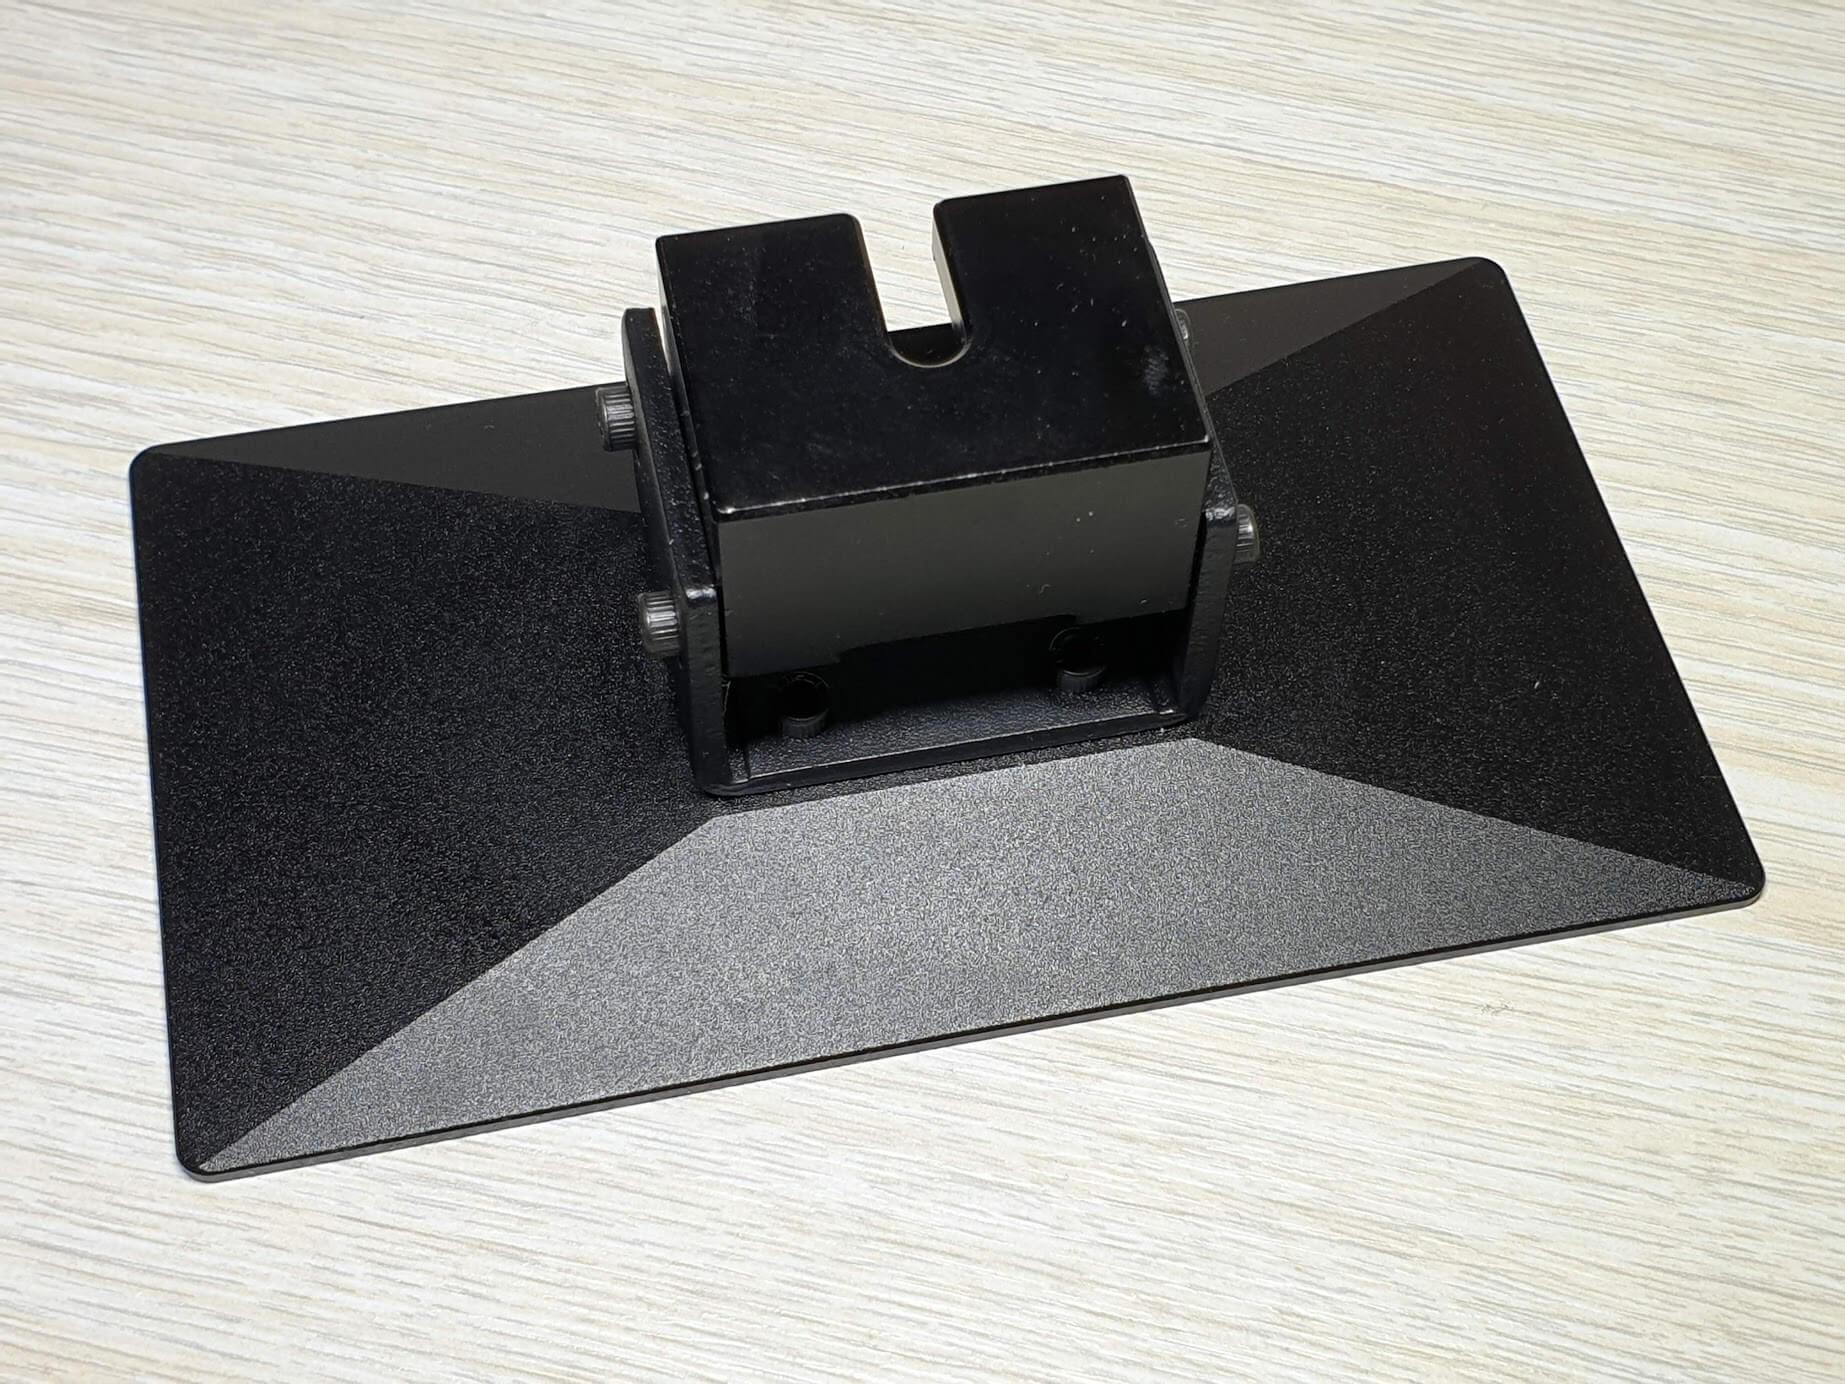 Creality-LD-002R-Build-Plate-3